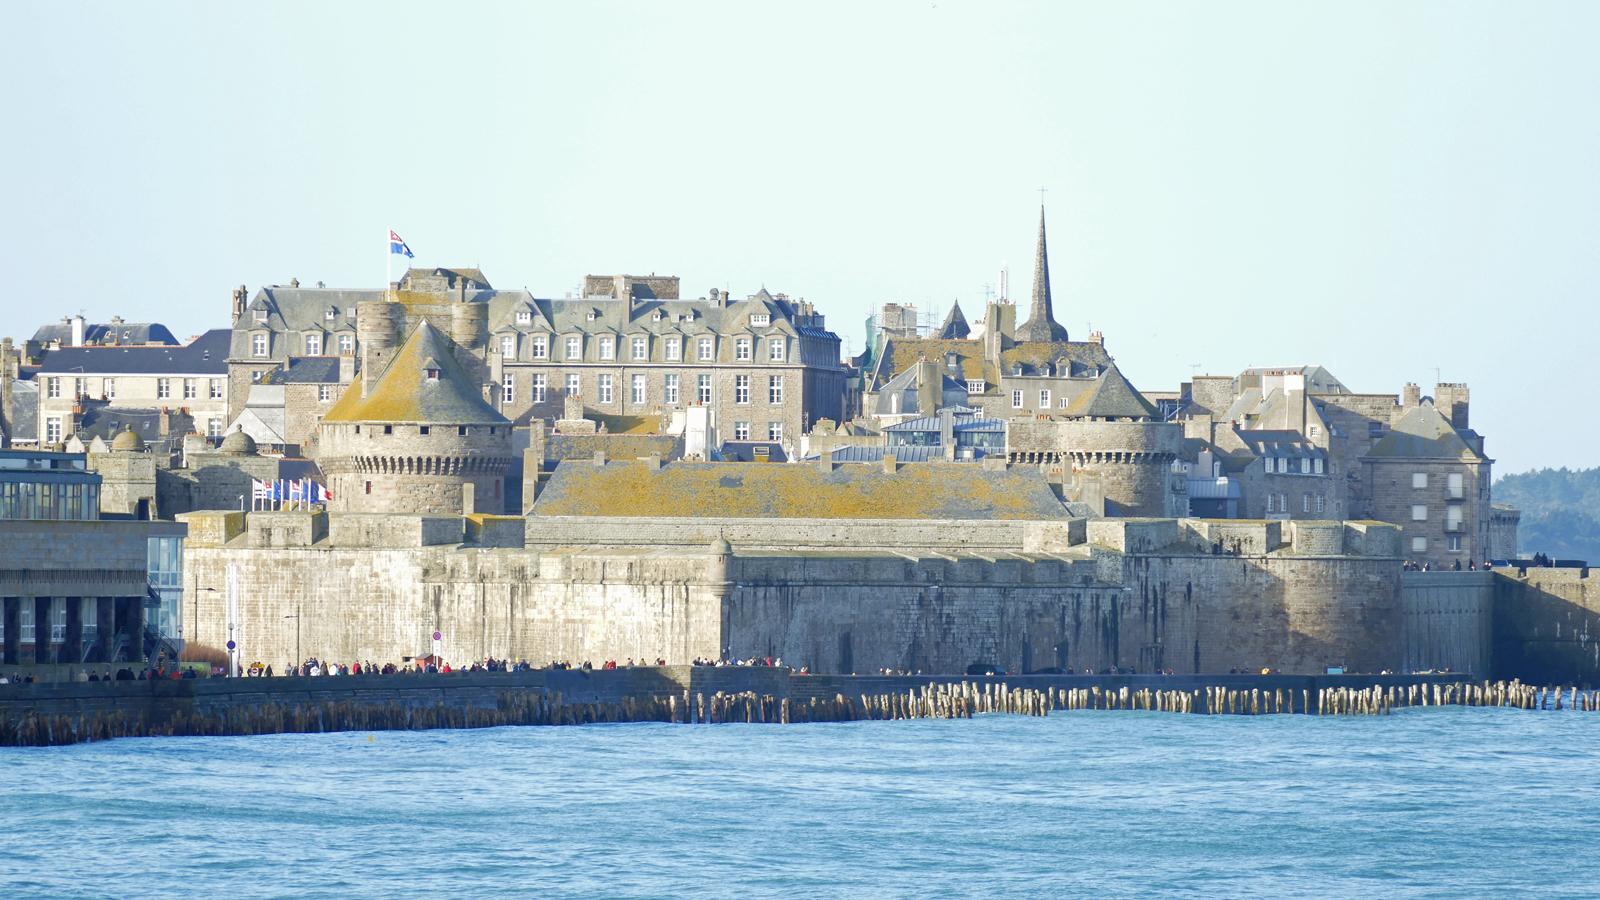 Ile et Vilaine - Saint Malo